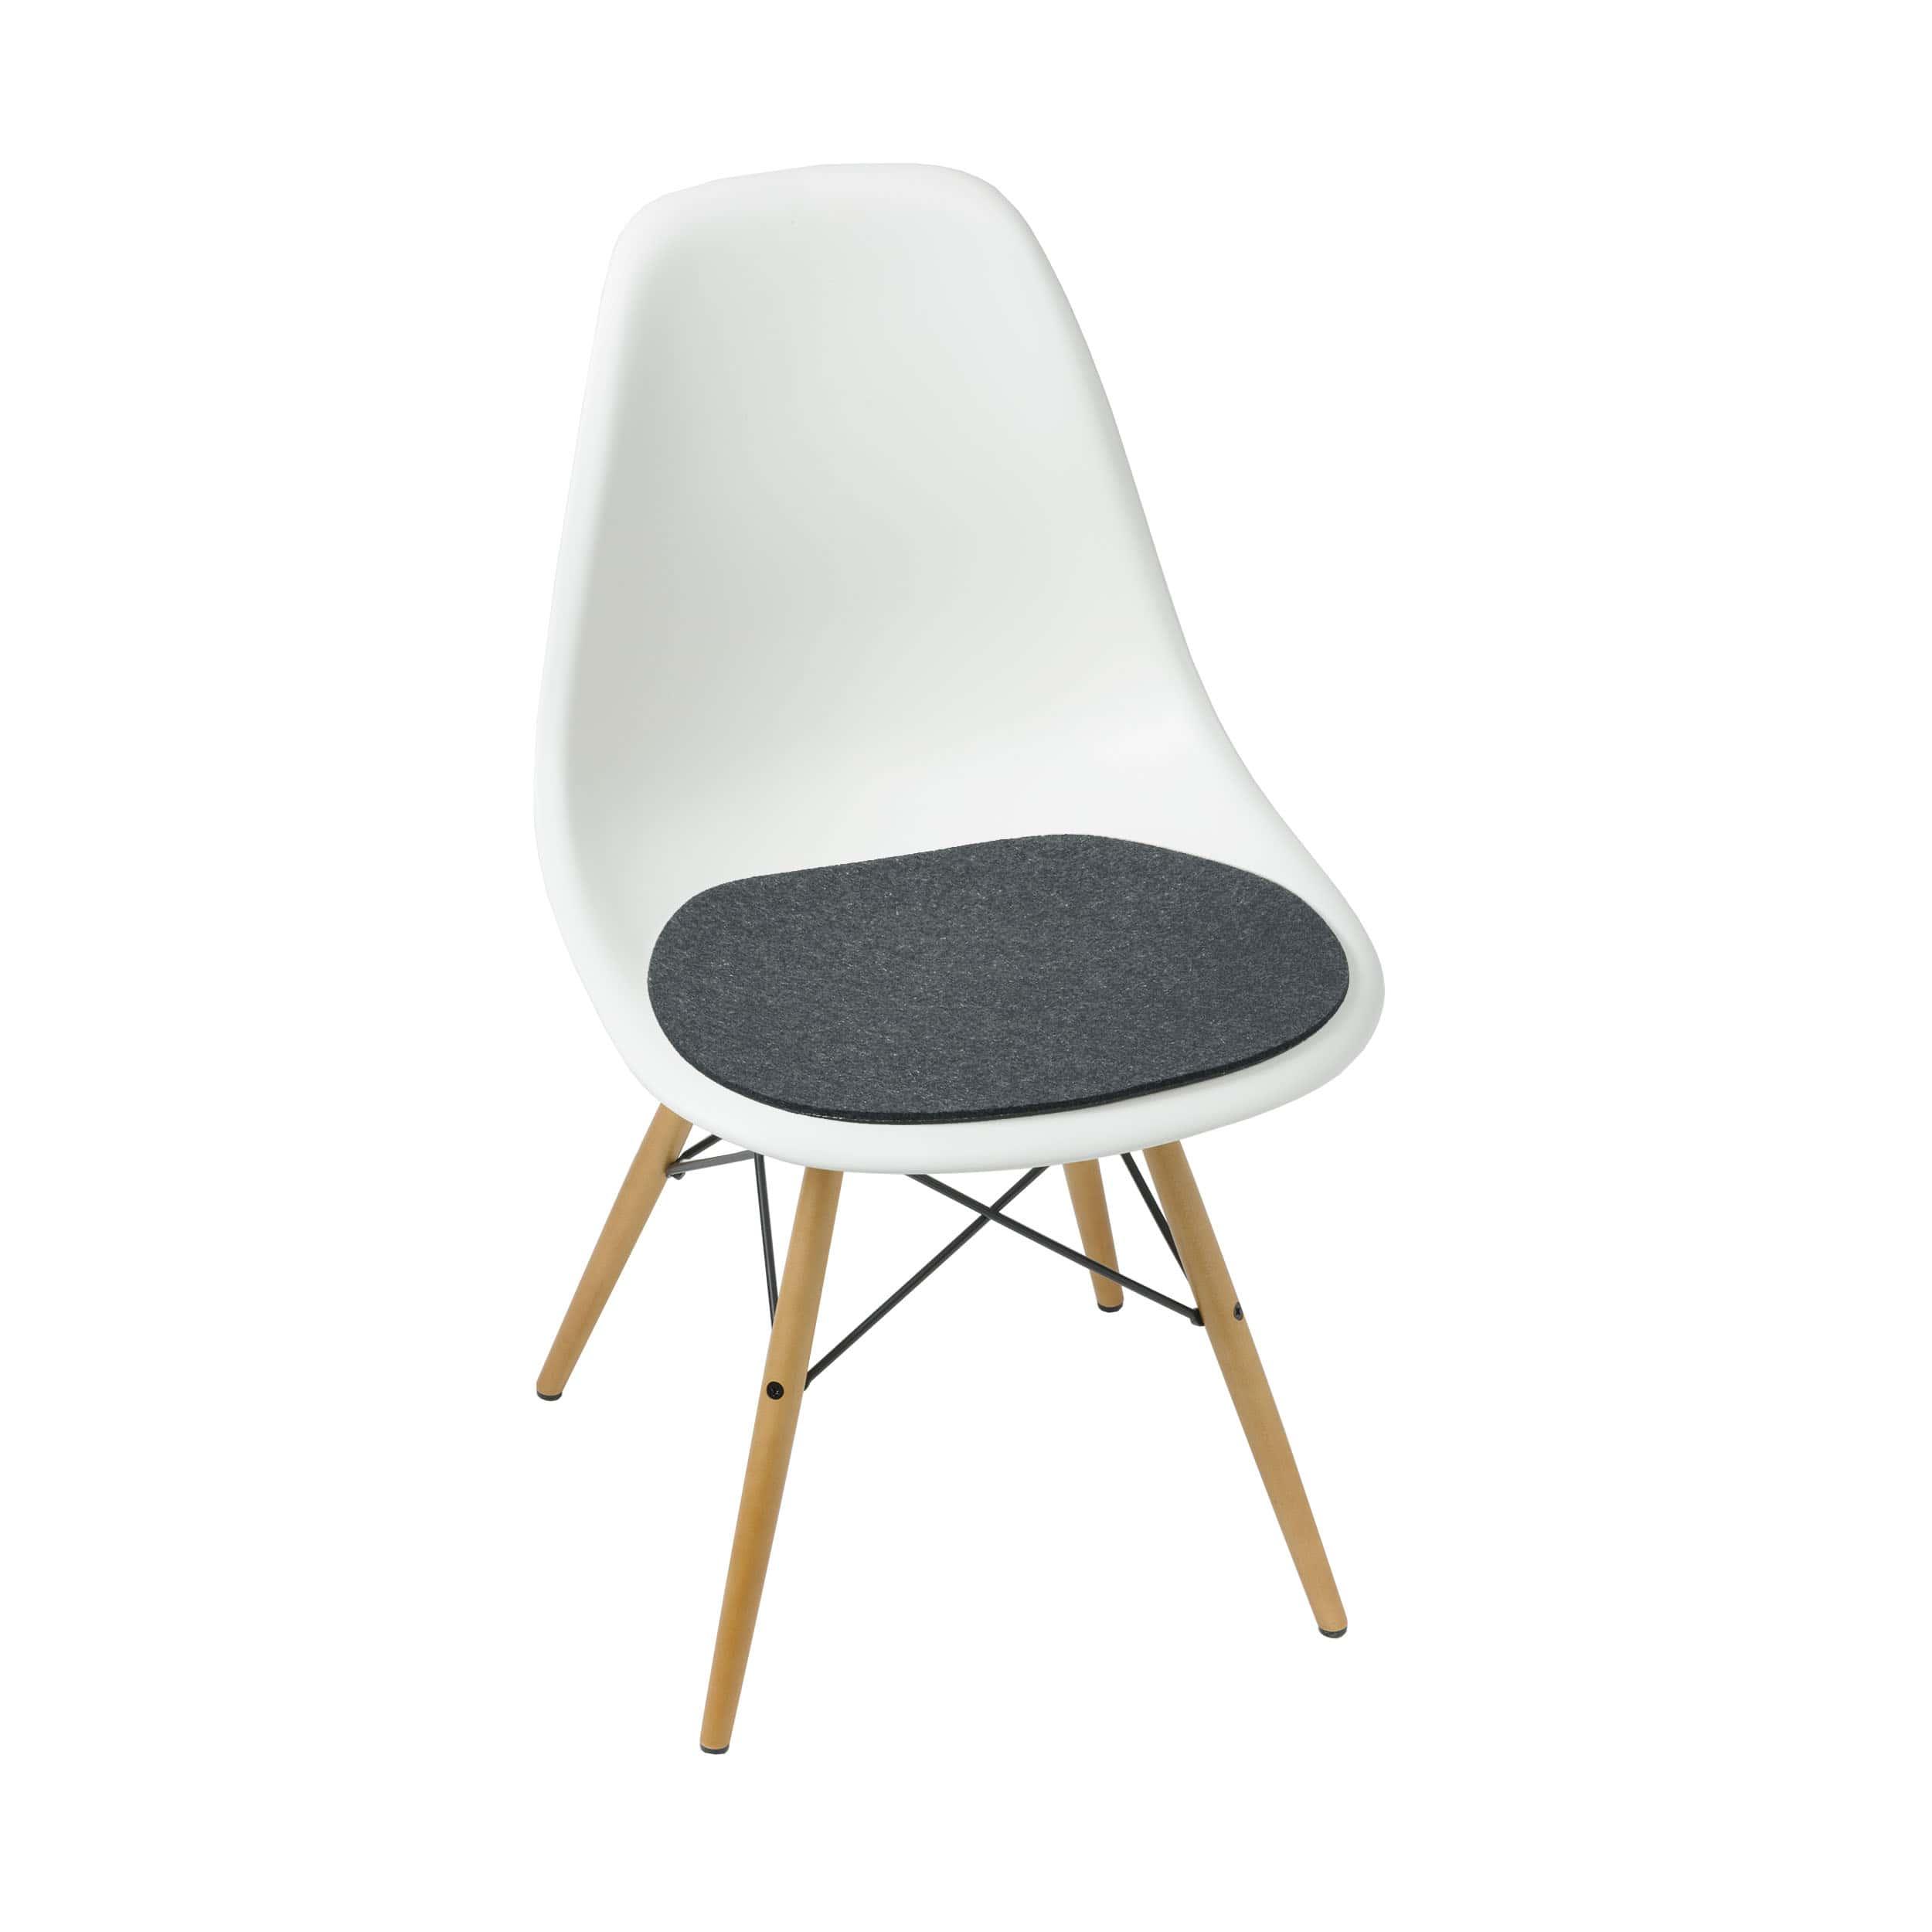 Sitzauflage 1-lagig für Eames Side Chair